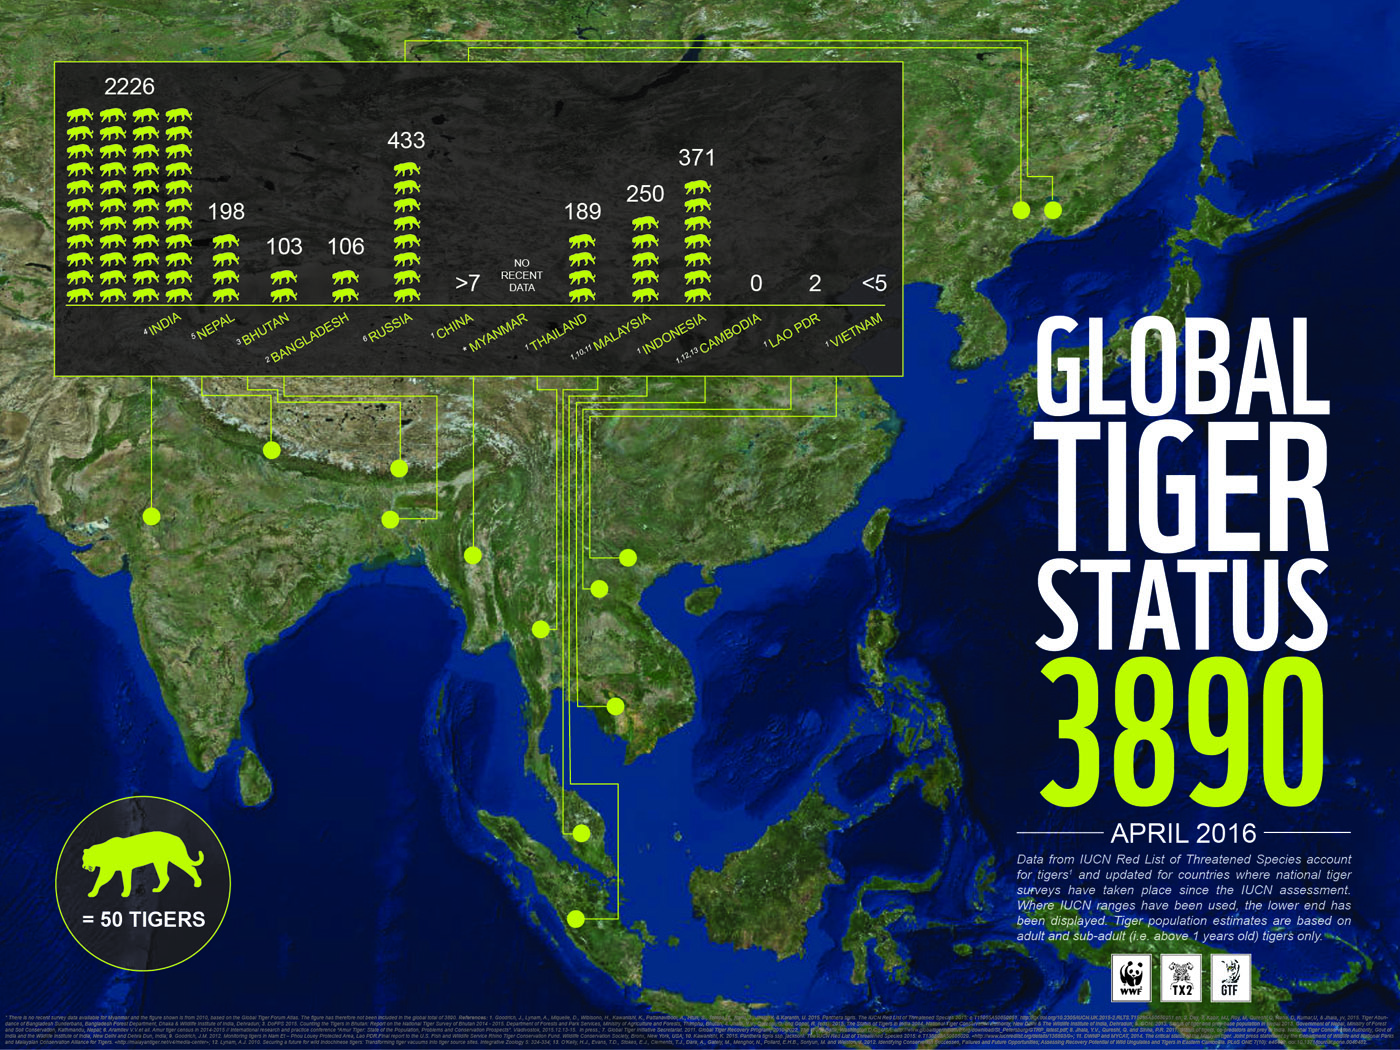 WWF infographic